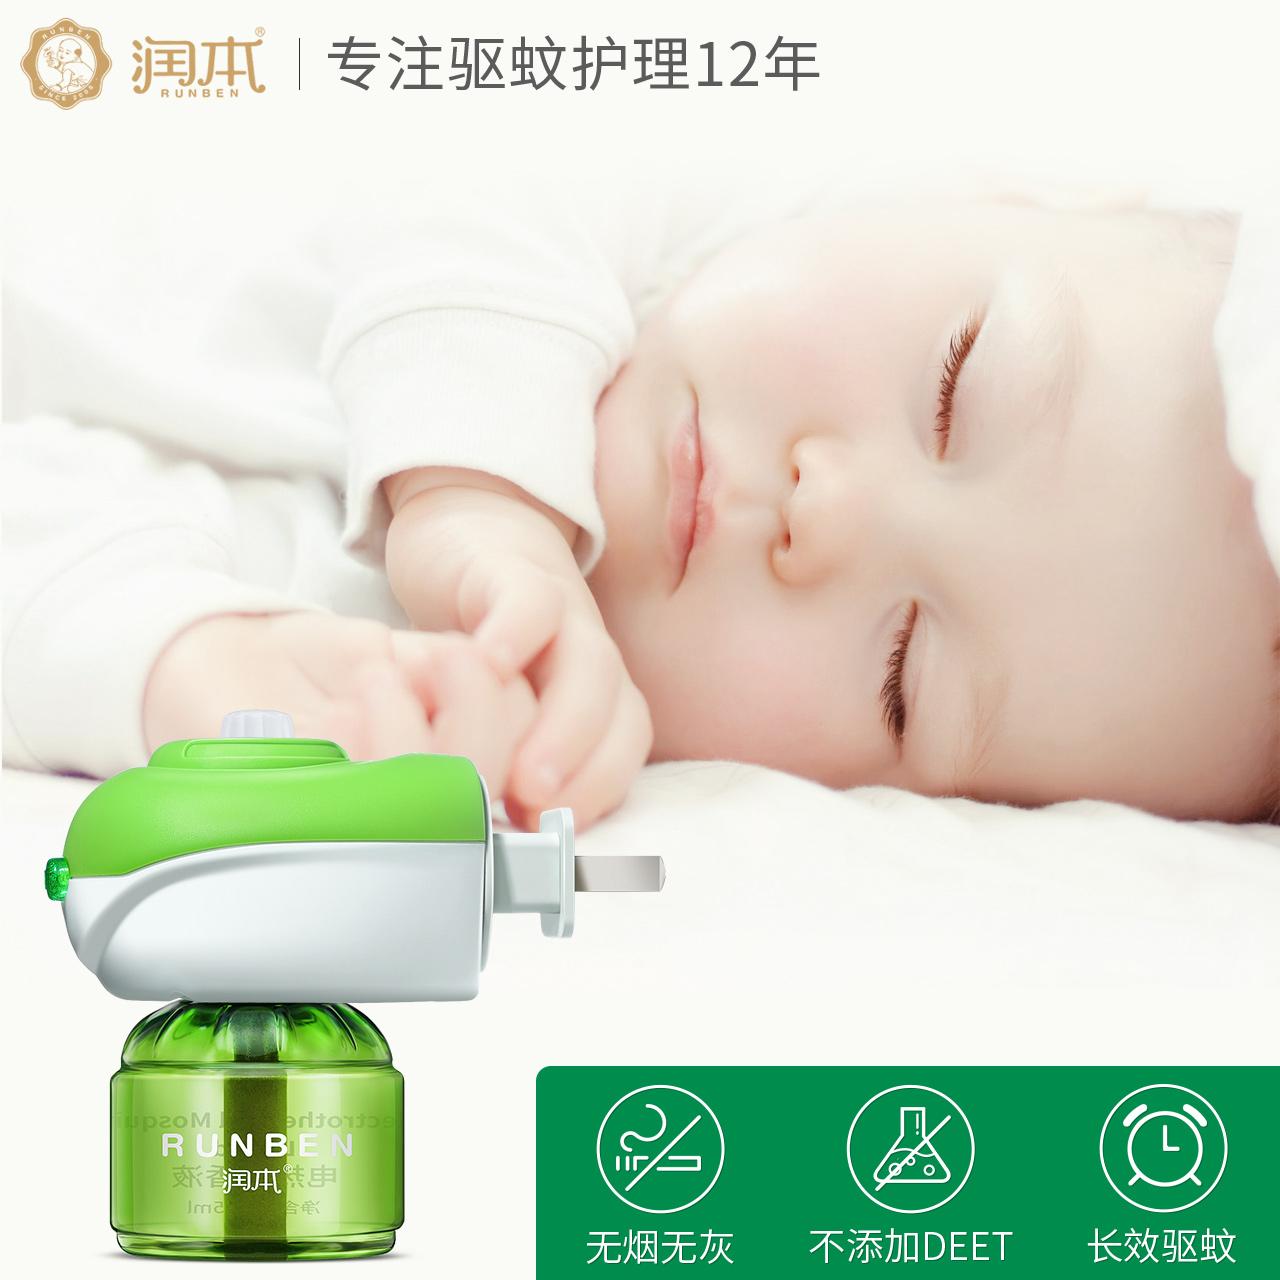 润本蚊香液无味婴儿驱蚊防蚊用品儿童宝宝电蚊香家用插电式6液2器